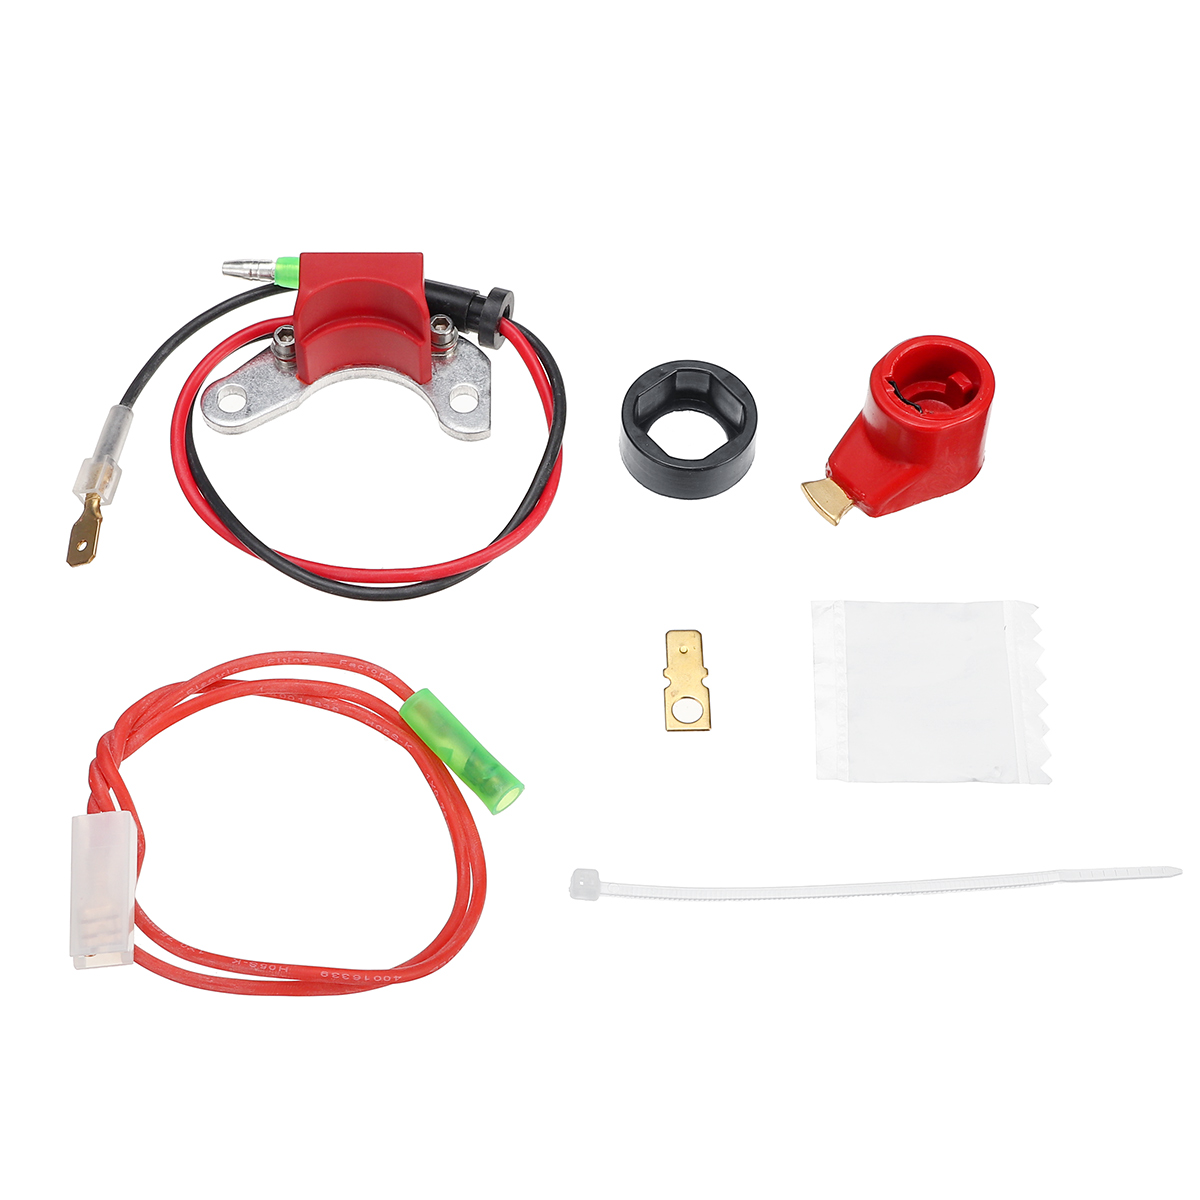 1x электронные точки зажигания конверсионный распределитель катушки комплект подходит для всех автомобилей для LUCAS 25D + DM2 дистрибьютор